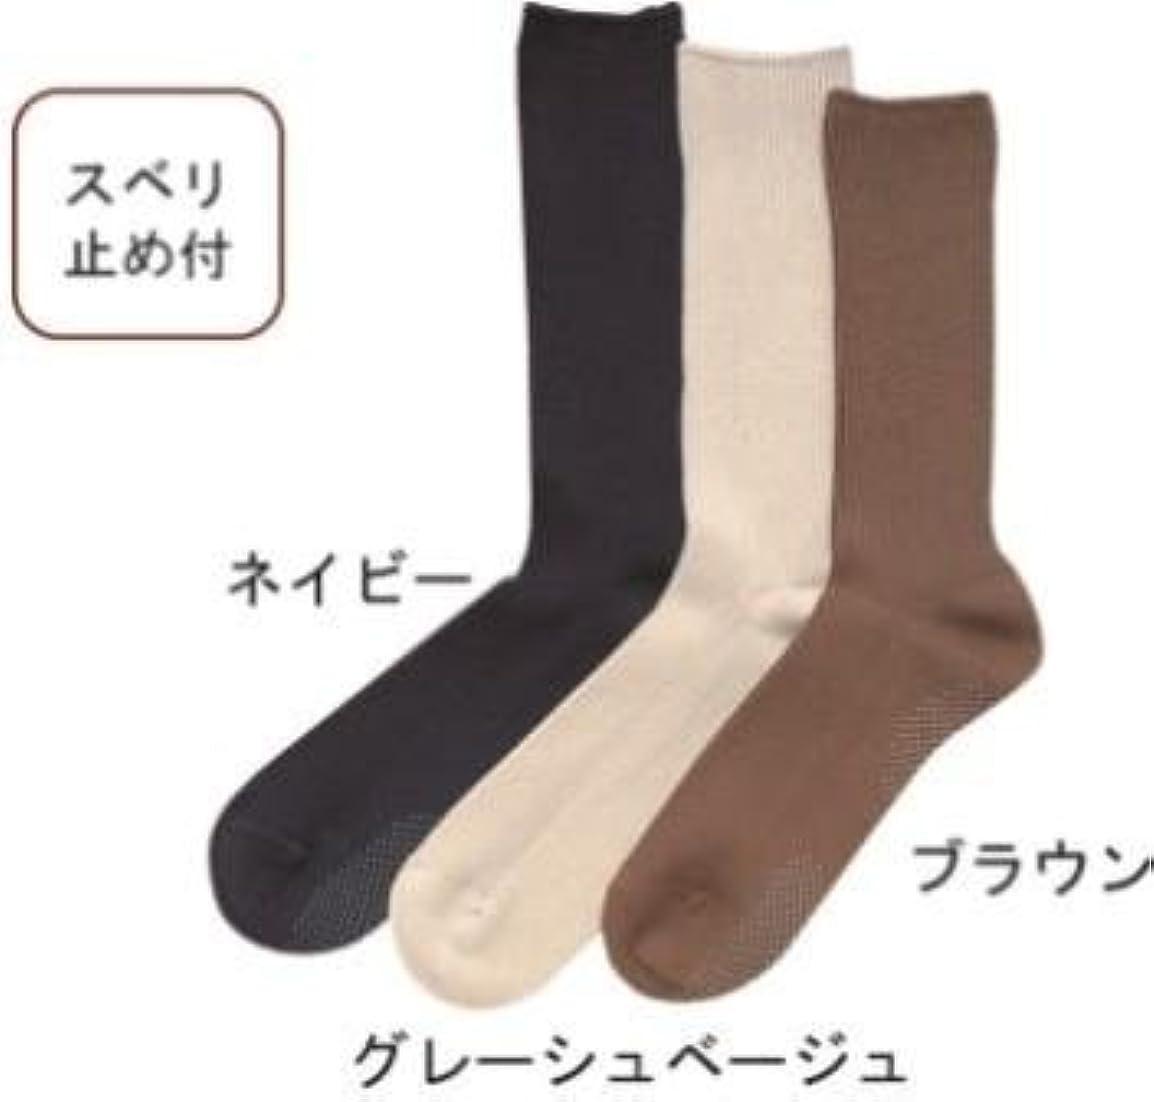 愛されし者組アベニュー靴下 紳士ソックス(通年用) (HL713):26~28cm ブラウン